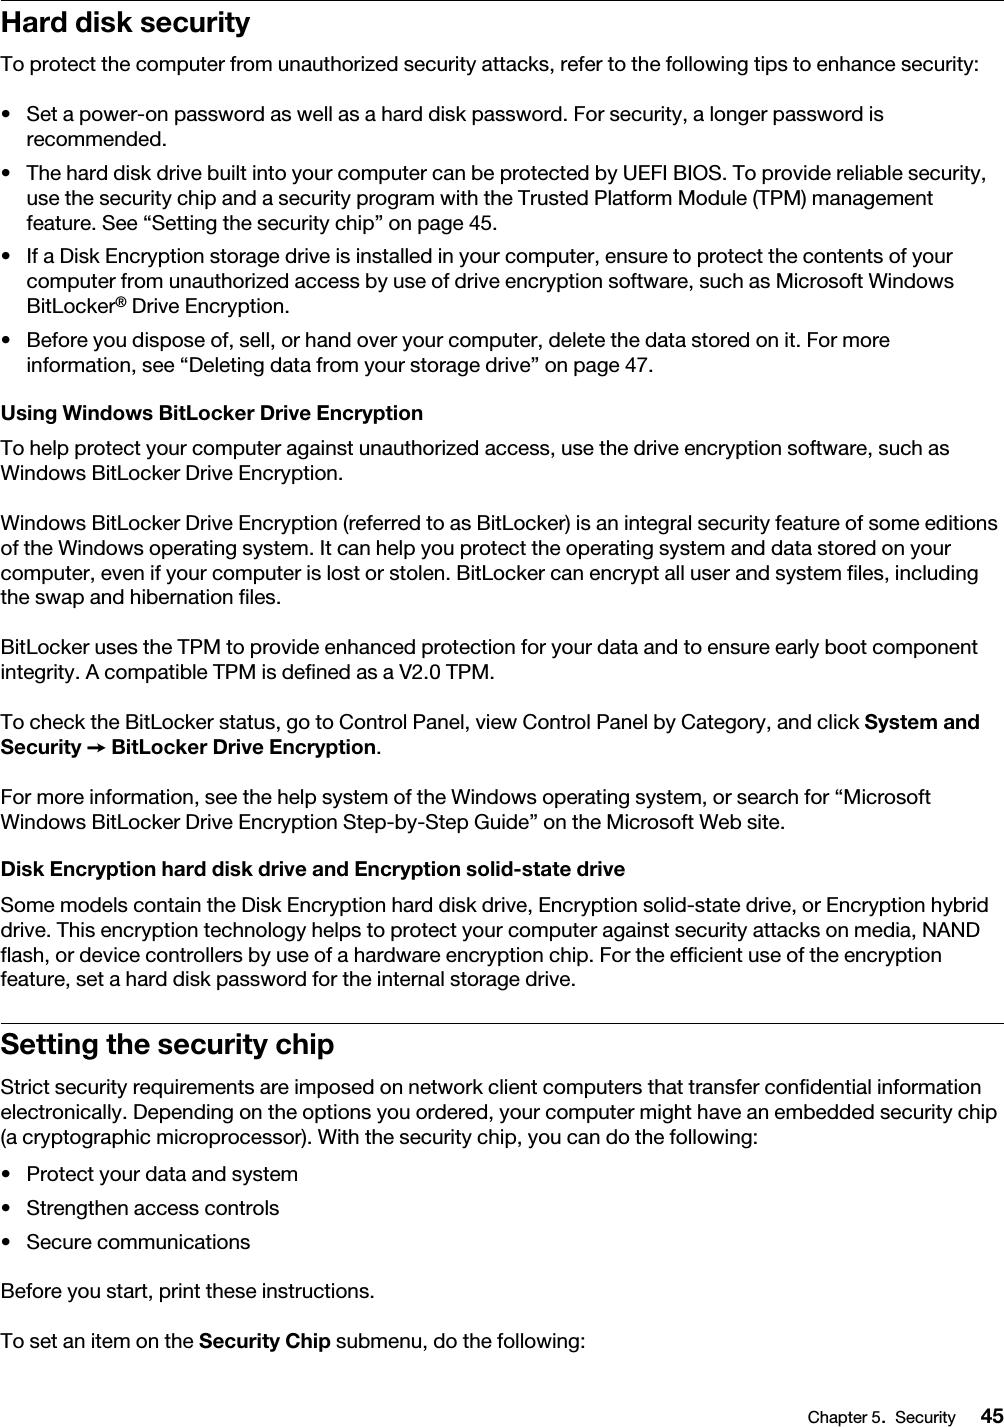 Lenovo Tp13 20J1 20J2 Ug En ThinkPad 13 2nd Gen User Guide